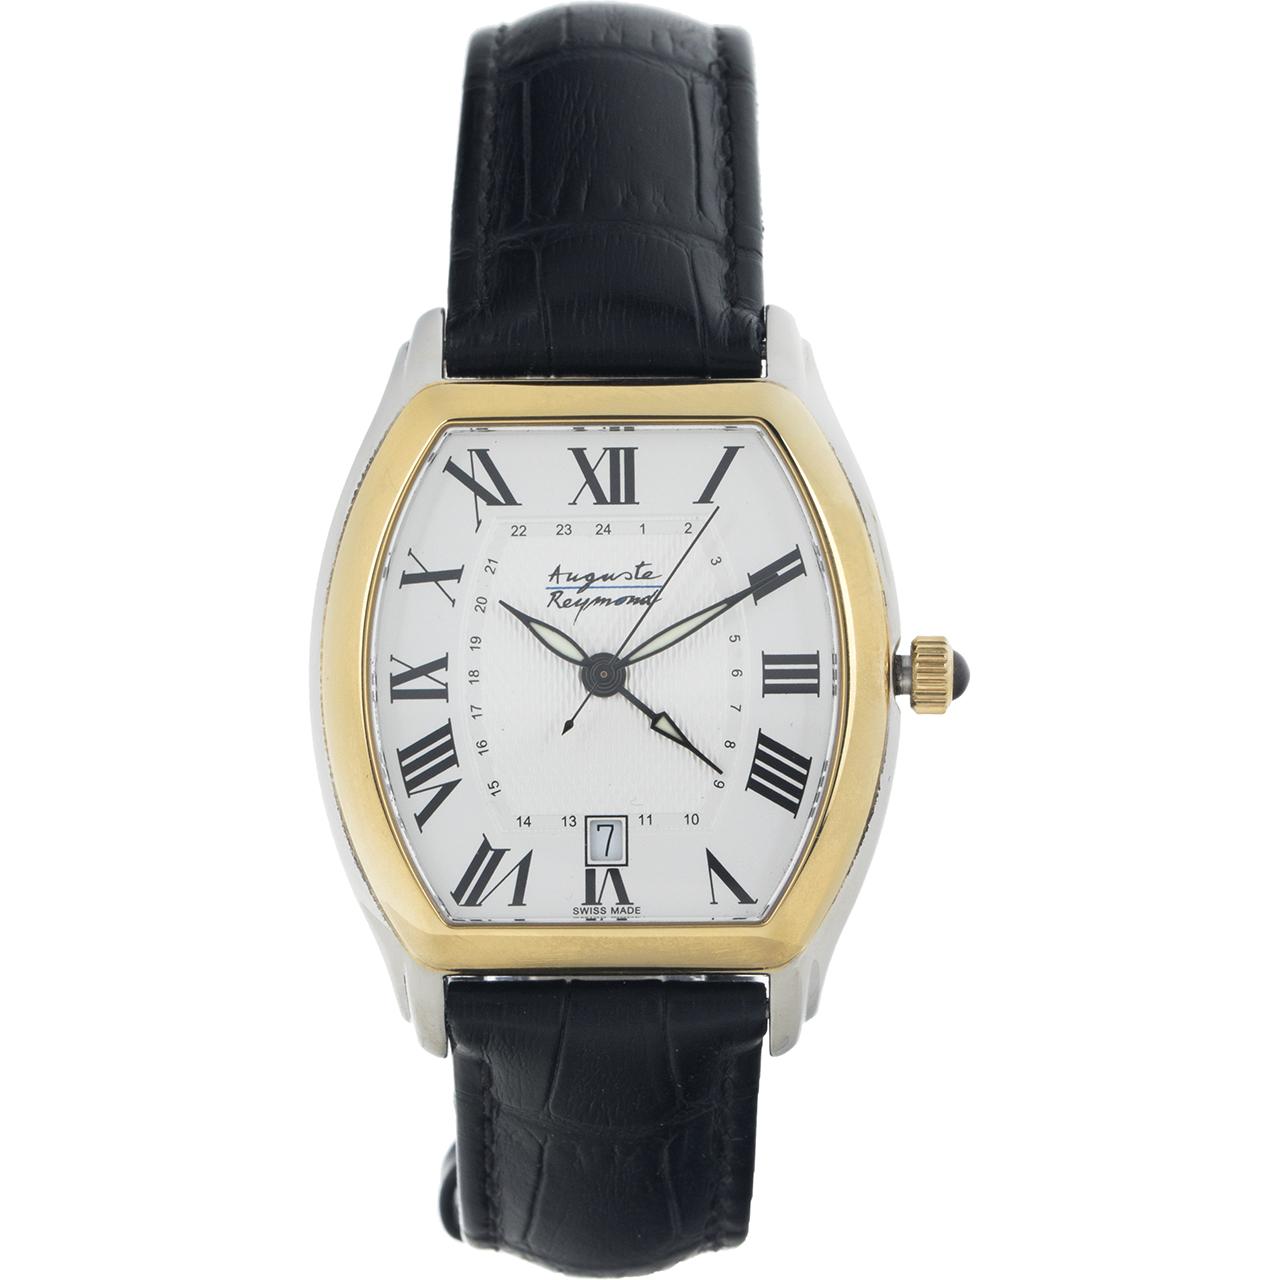 ساعت مچی عقربه ای مردانه آگوست ریموند مدل M-69B230-20A